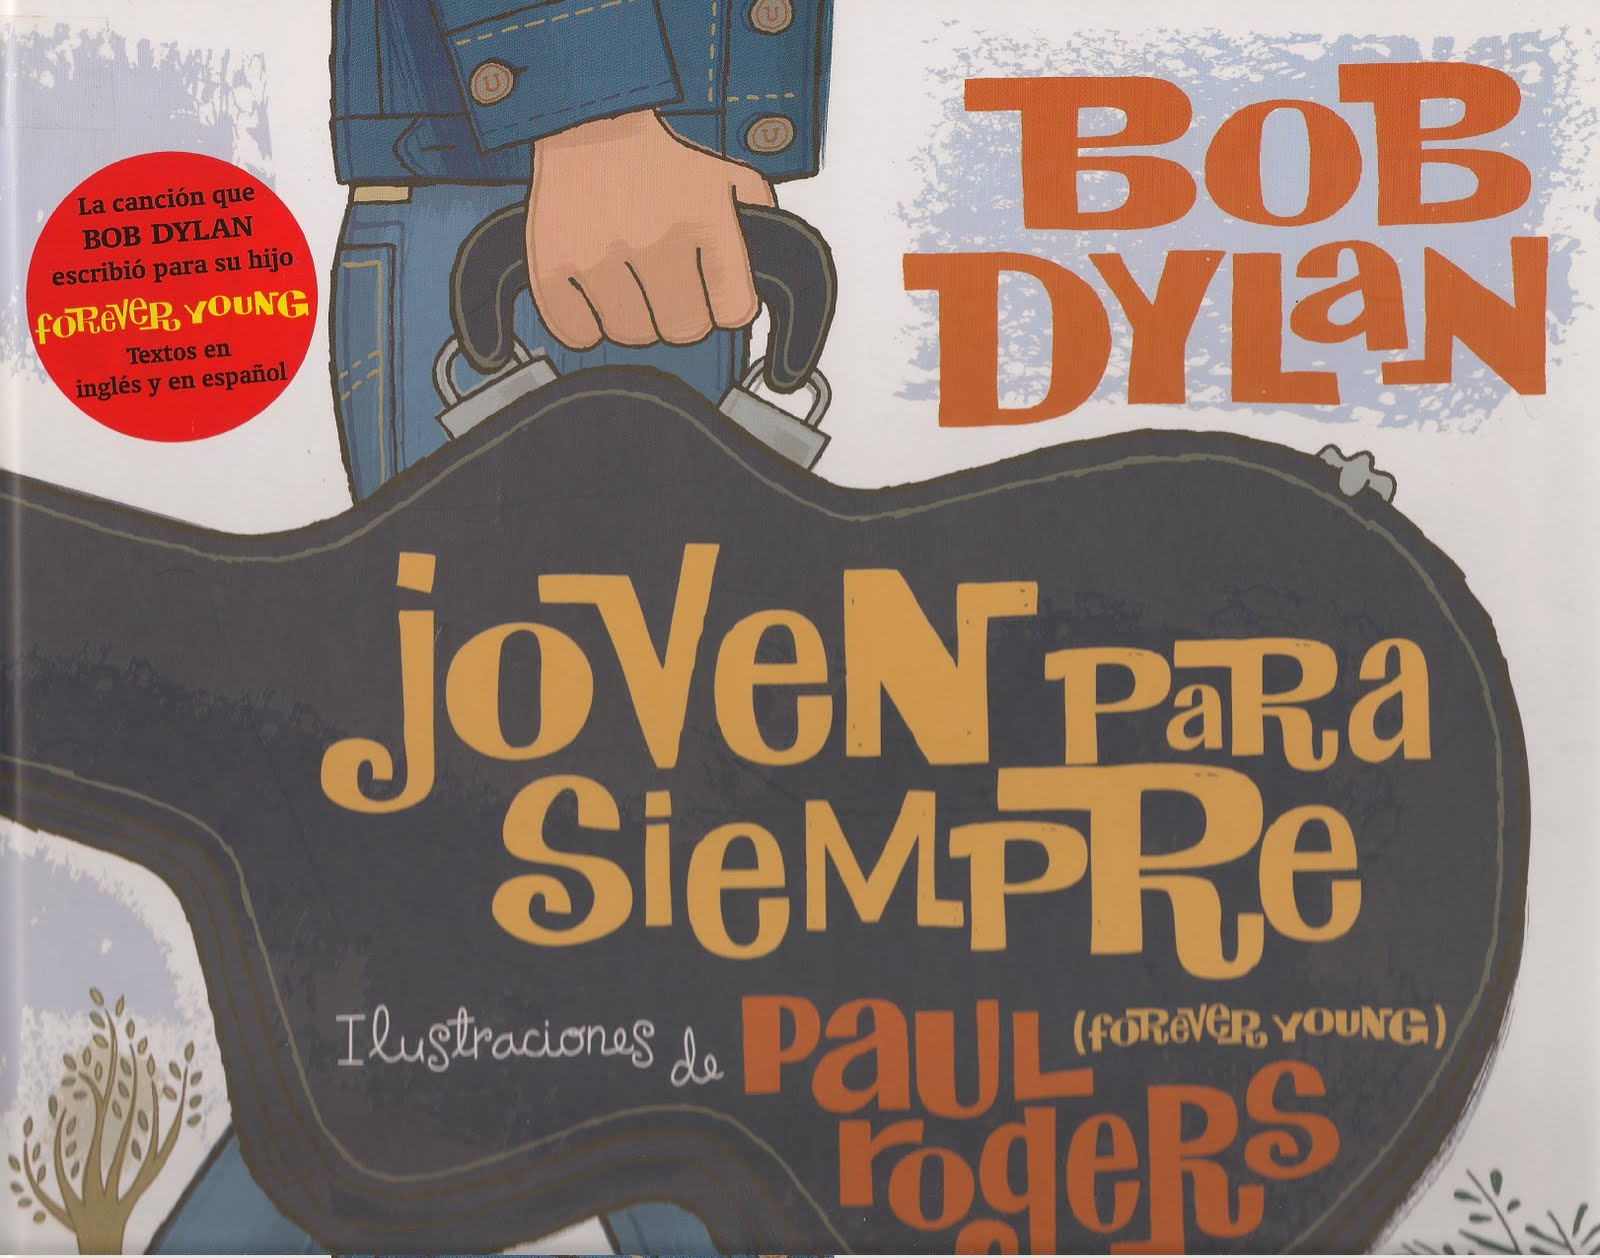 BOB DYLAN (el topic definitivo) - Página 2 SIEMPREJOVEN-1